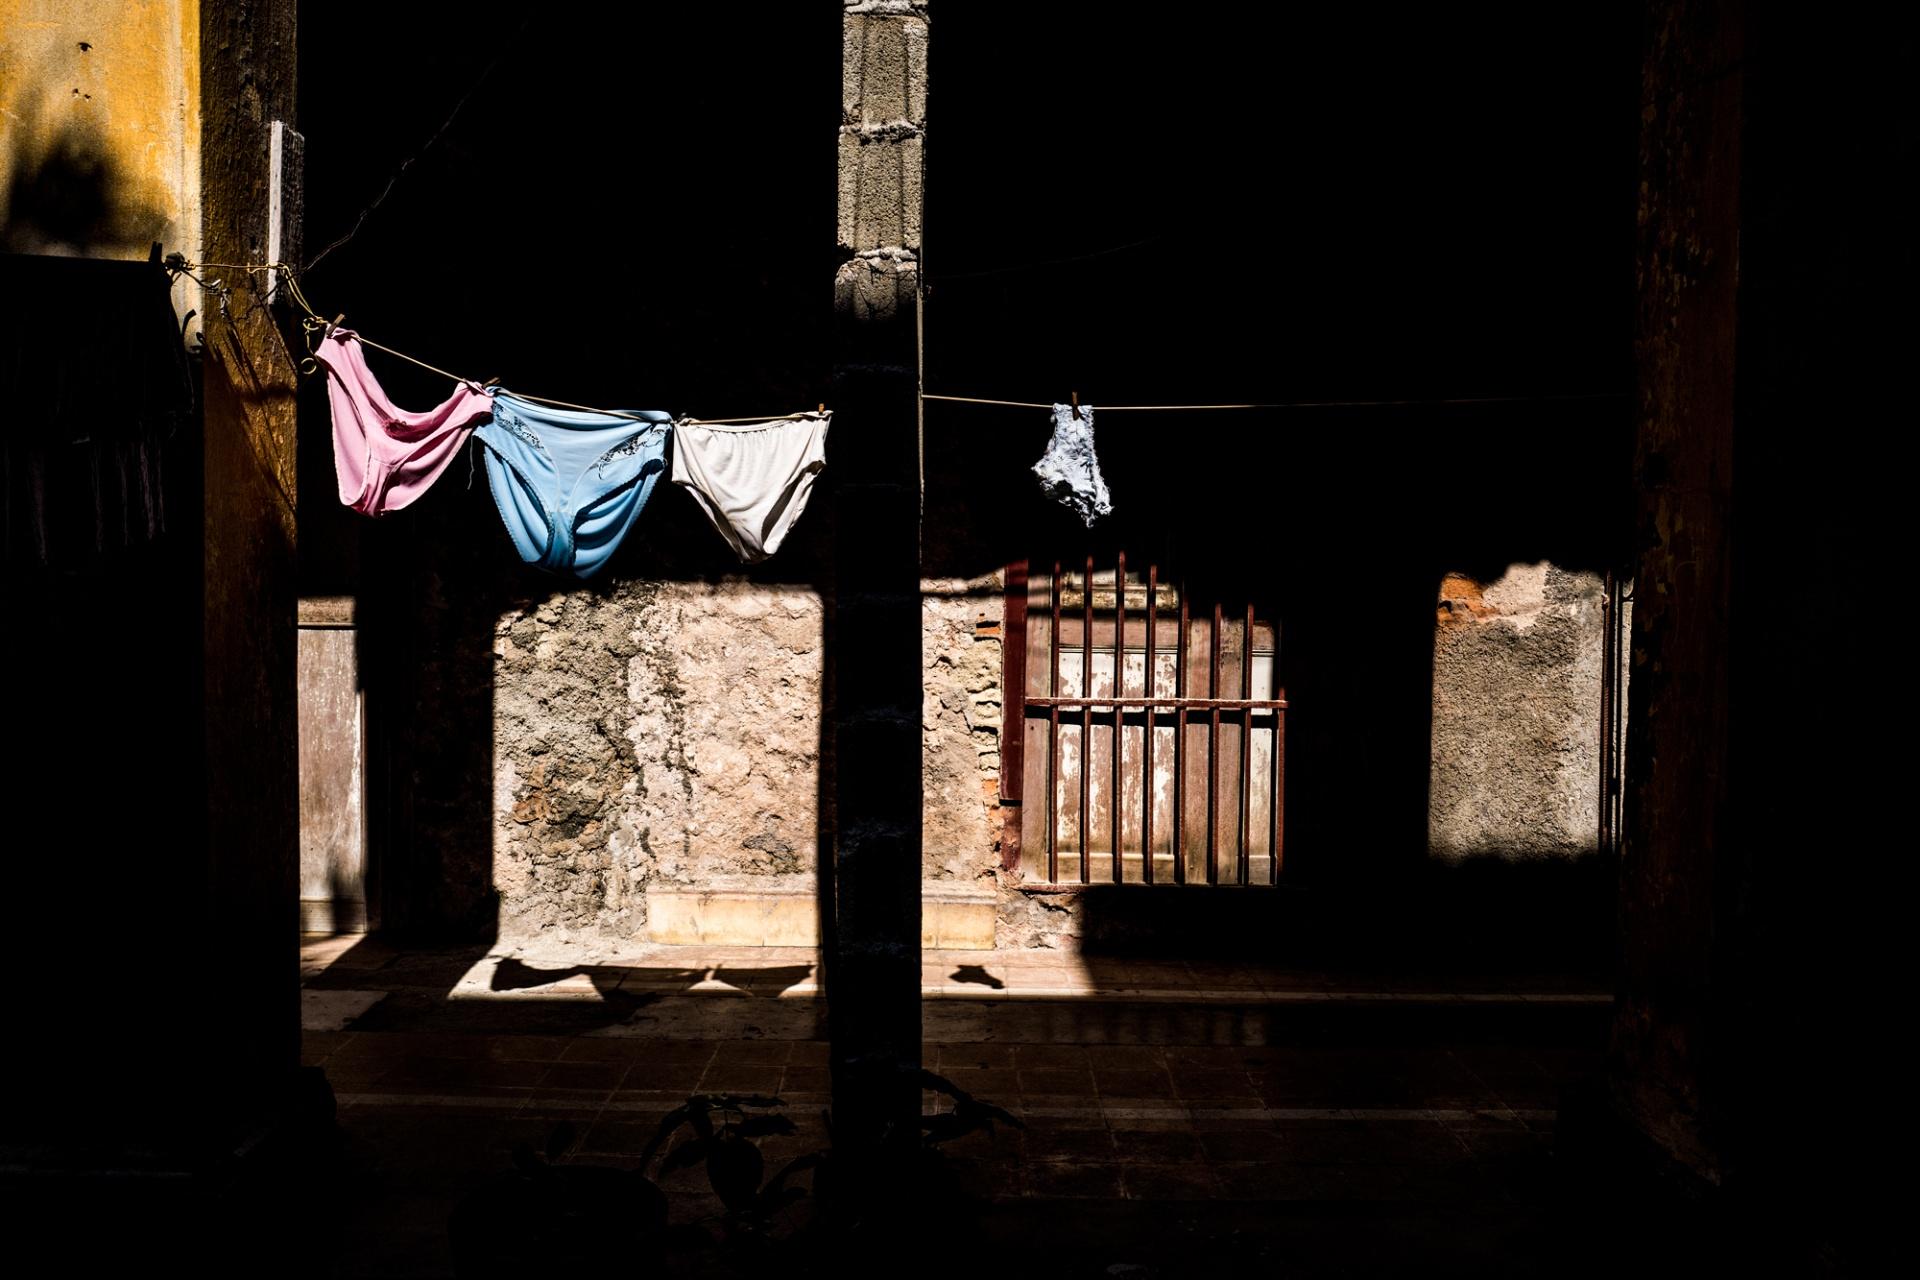 Cuba - de luces y sombras,